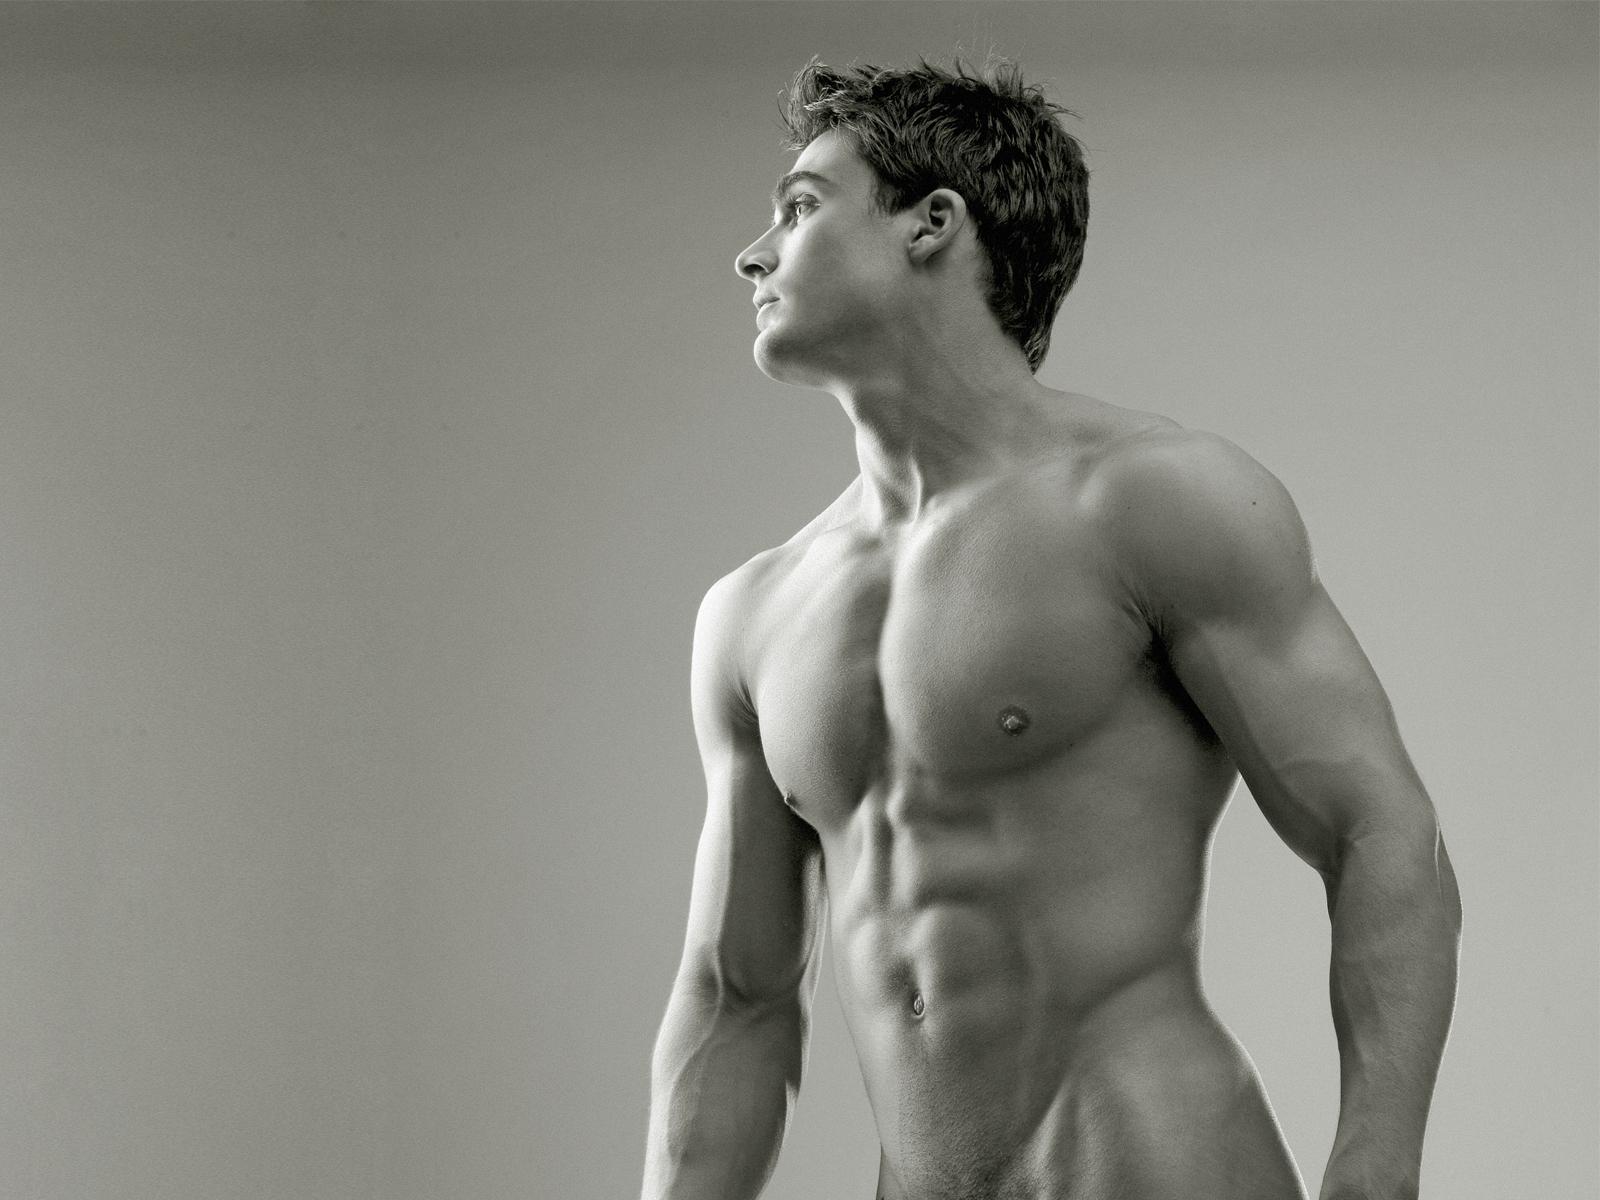 голые тела мужчины задницы большие